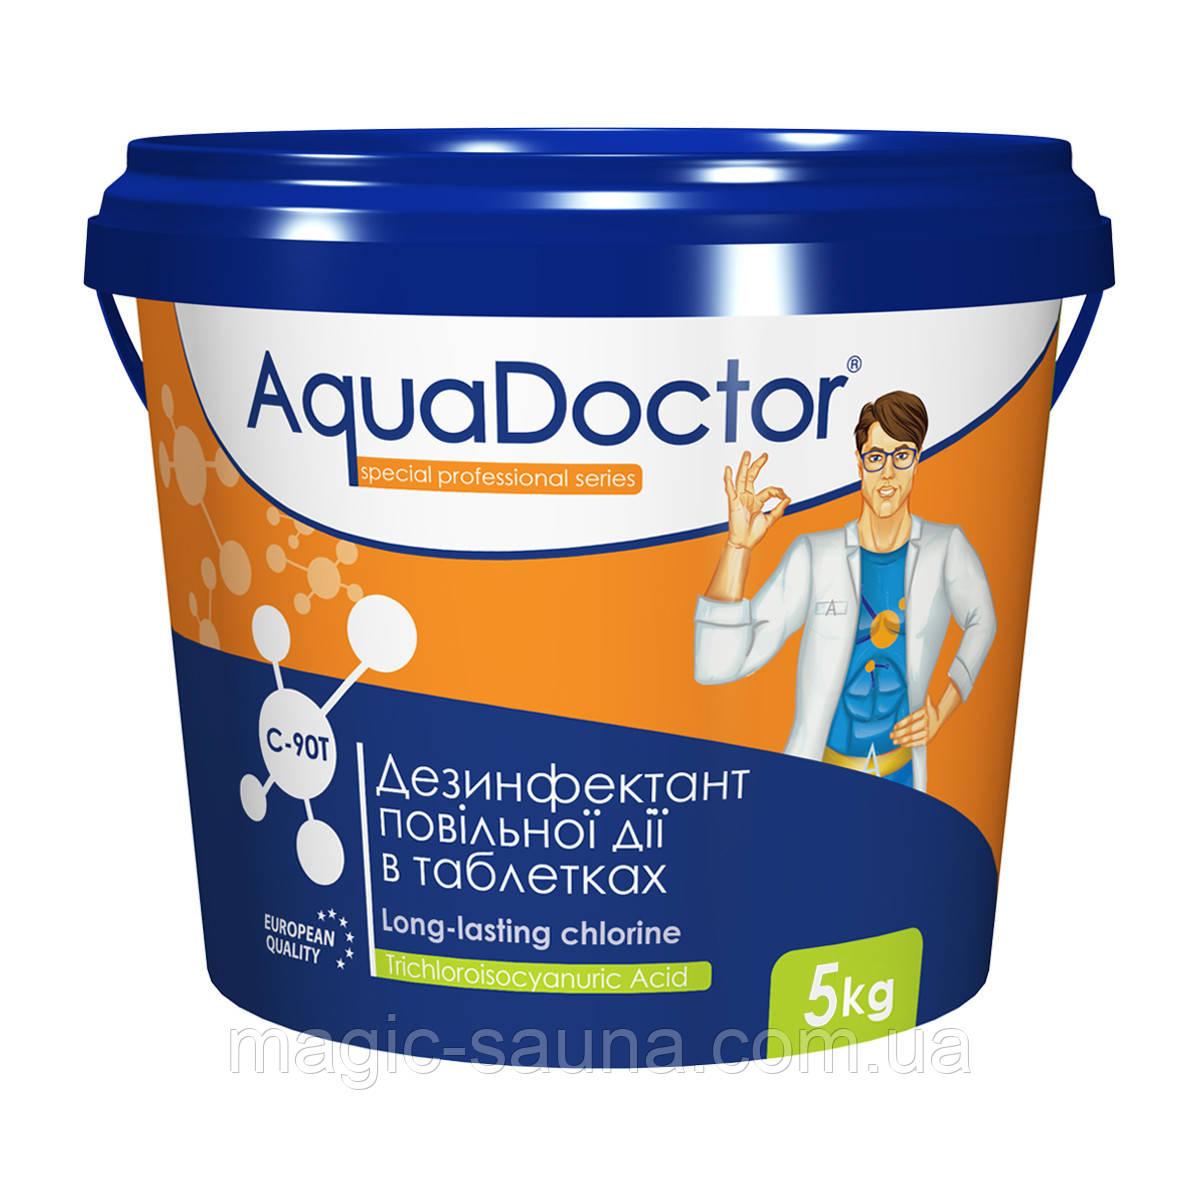 Дезинфектант на основе хлора в таблетках длительного действия 1кг AquaDoctor